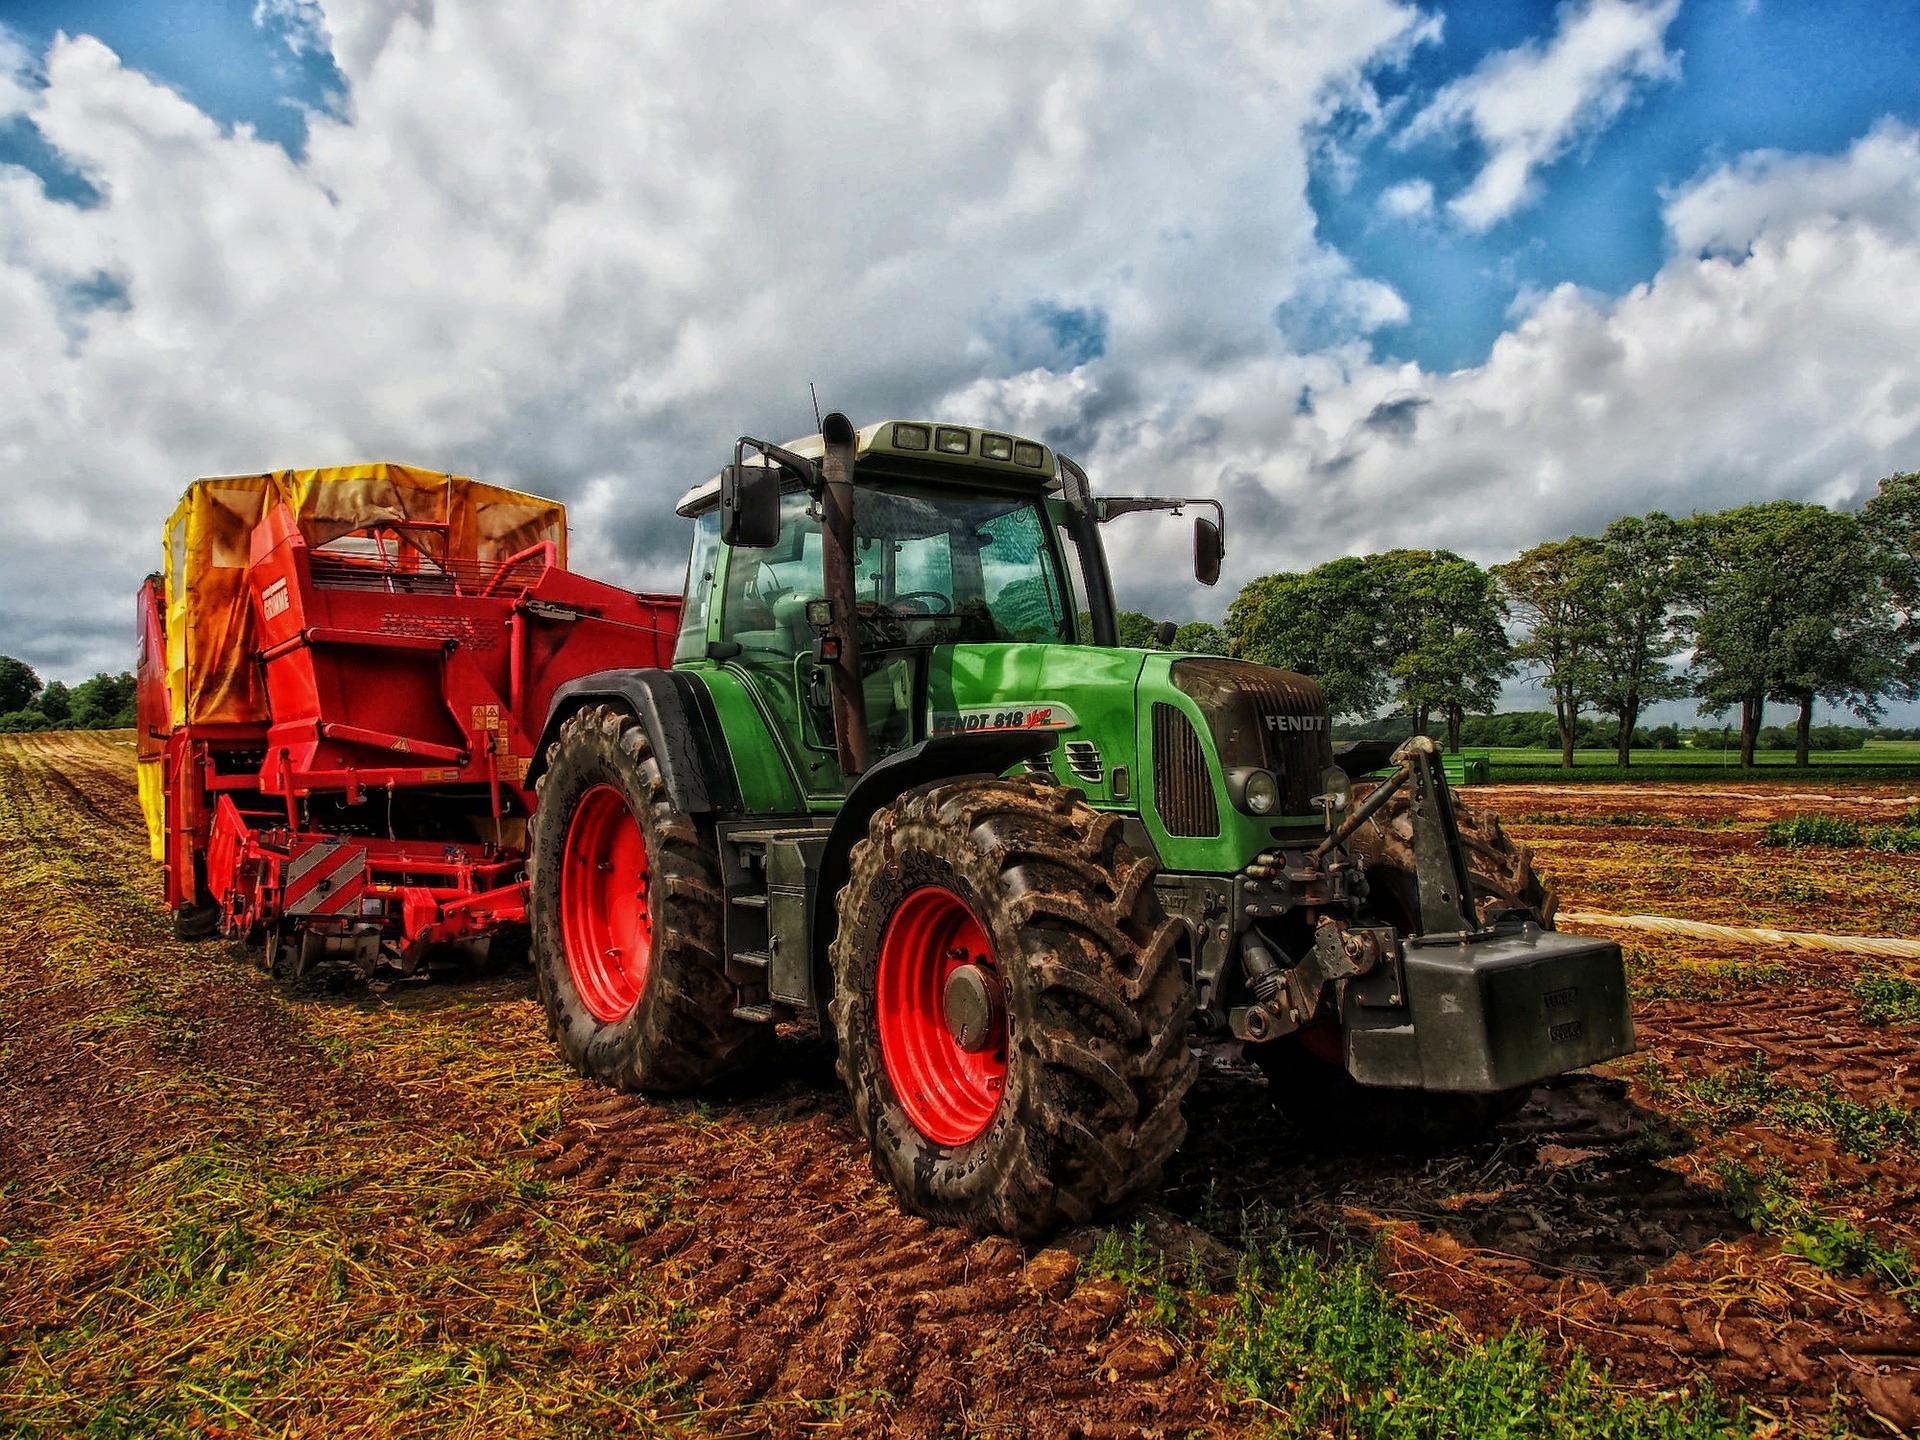 Poľnohospodárska technika Žilina - poľnohospodárske stroje Zvolen, traktory, Zetor